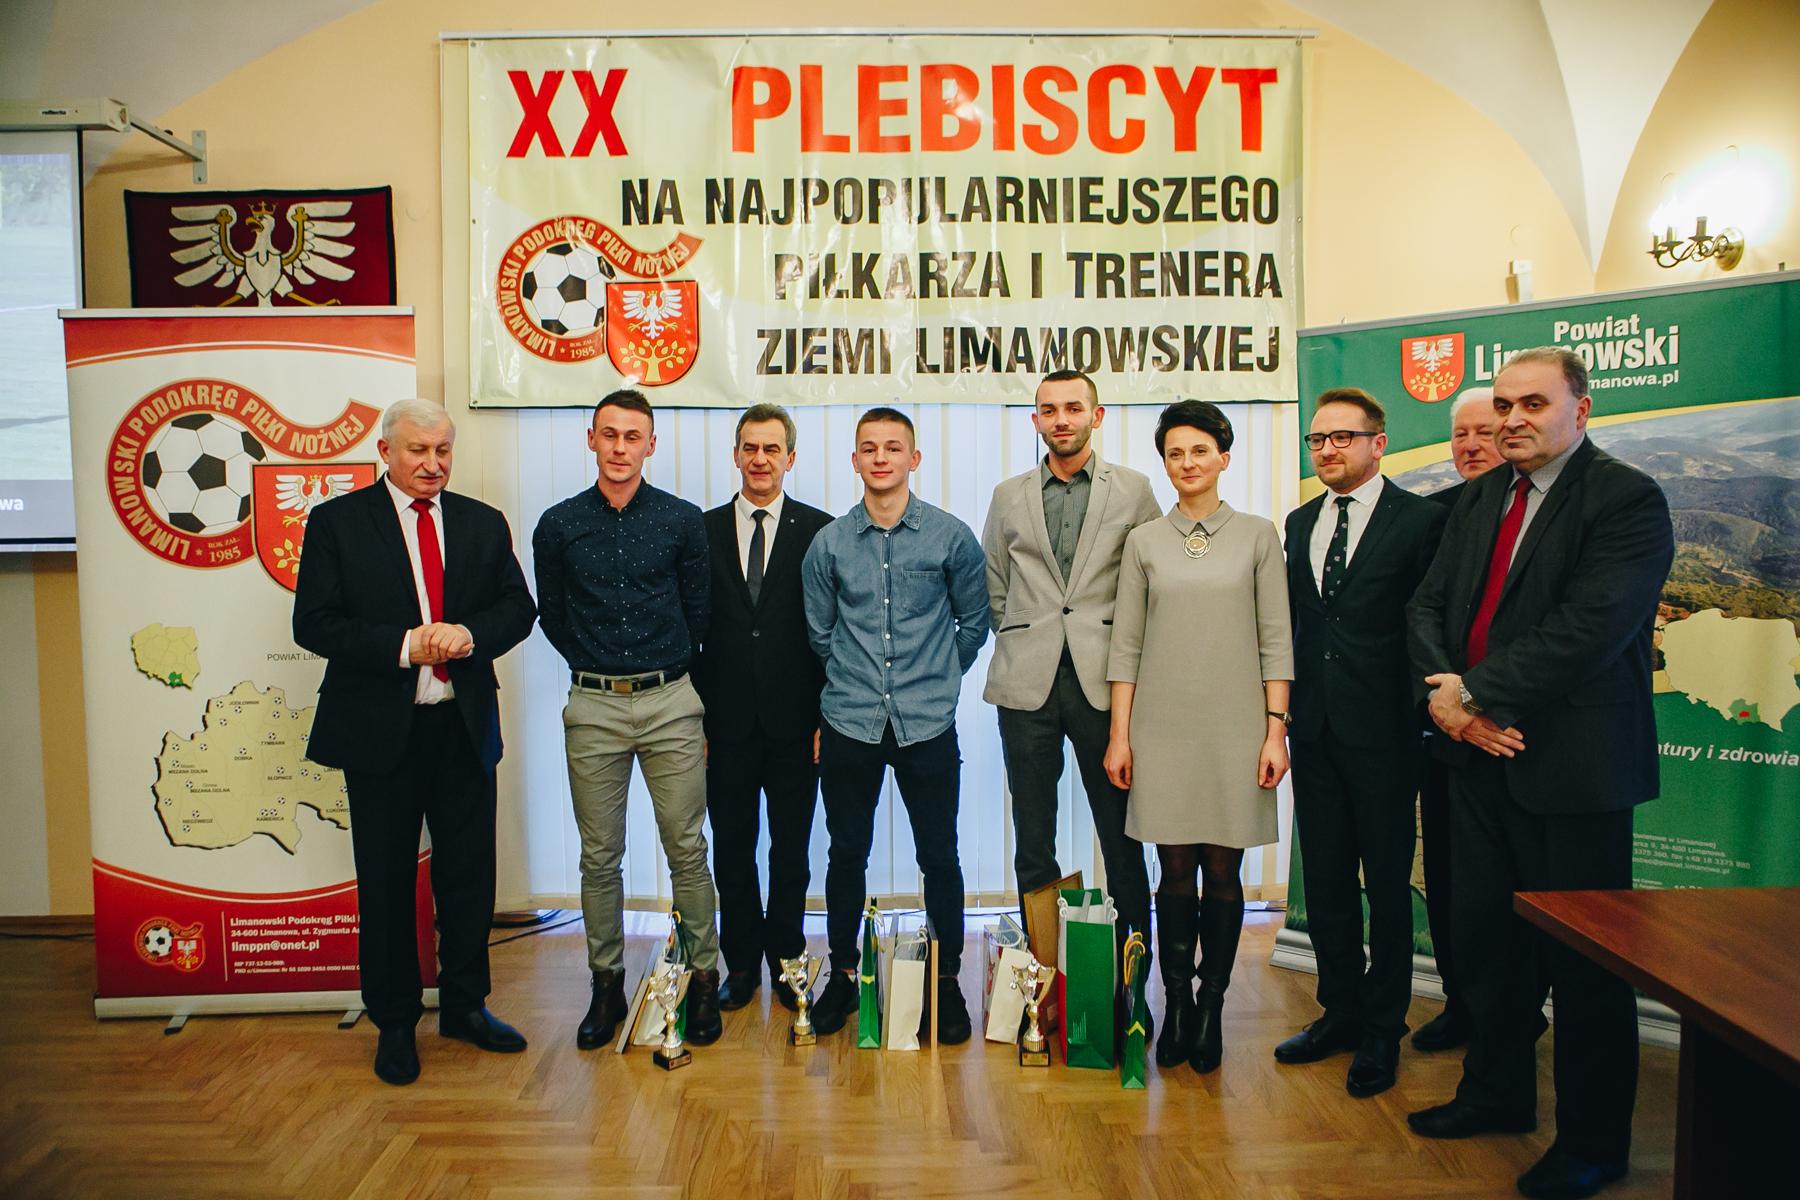 Podsumowanie XX Plebiscytu na najpopularniejszego piłkarza i trenera ziemi limanowskiej 2017 - zdjęcie główne